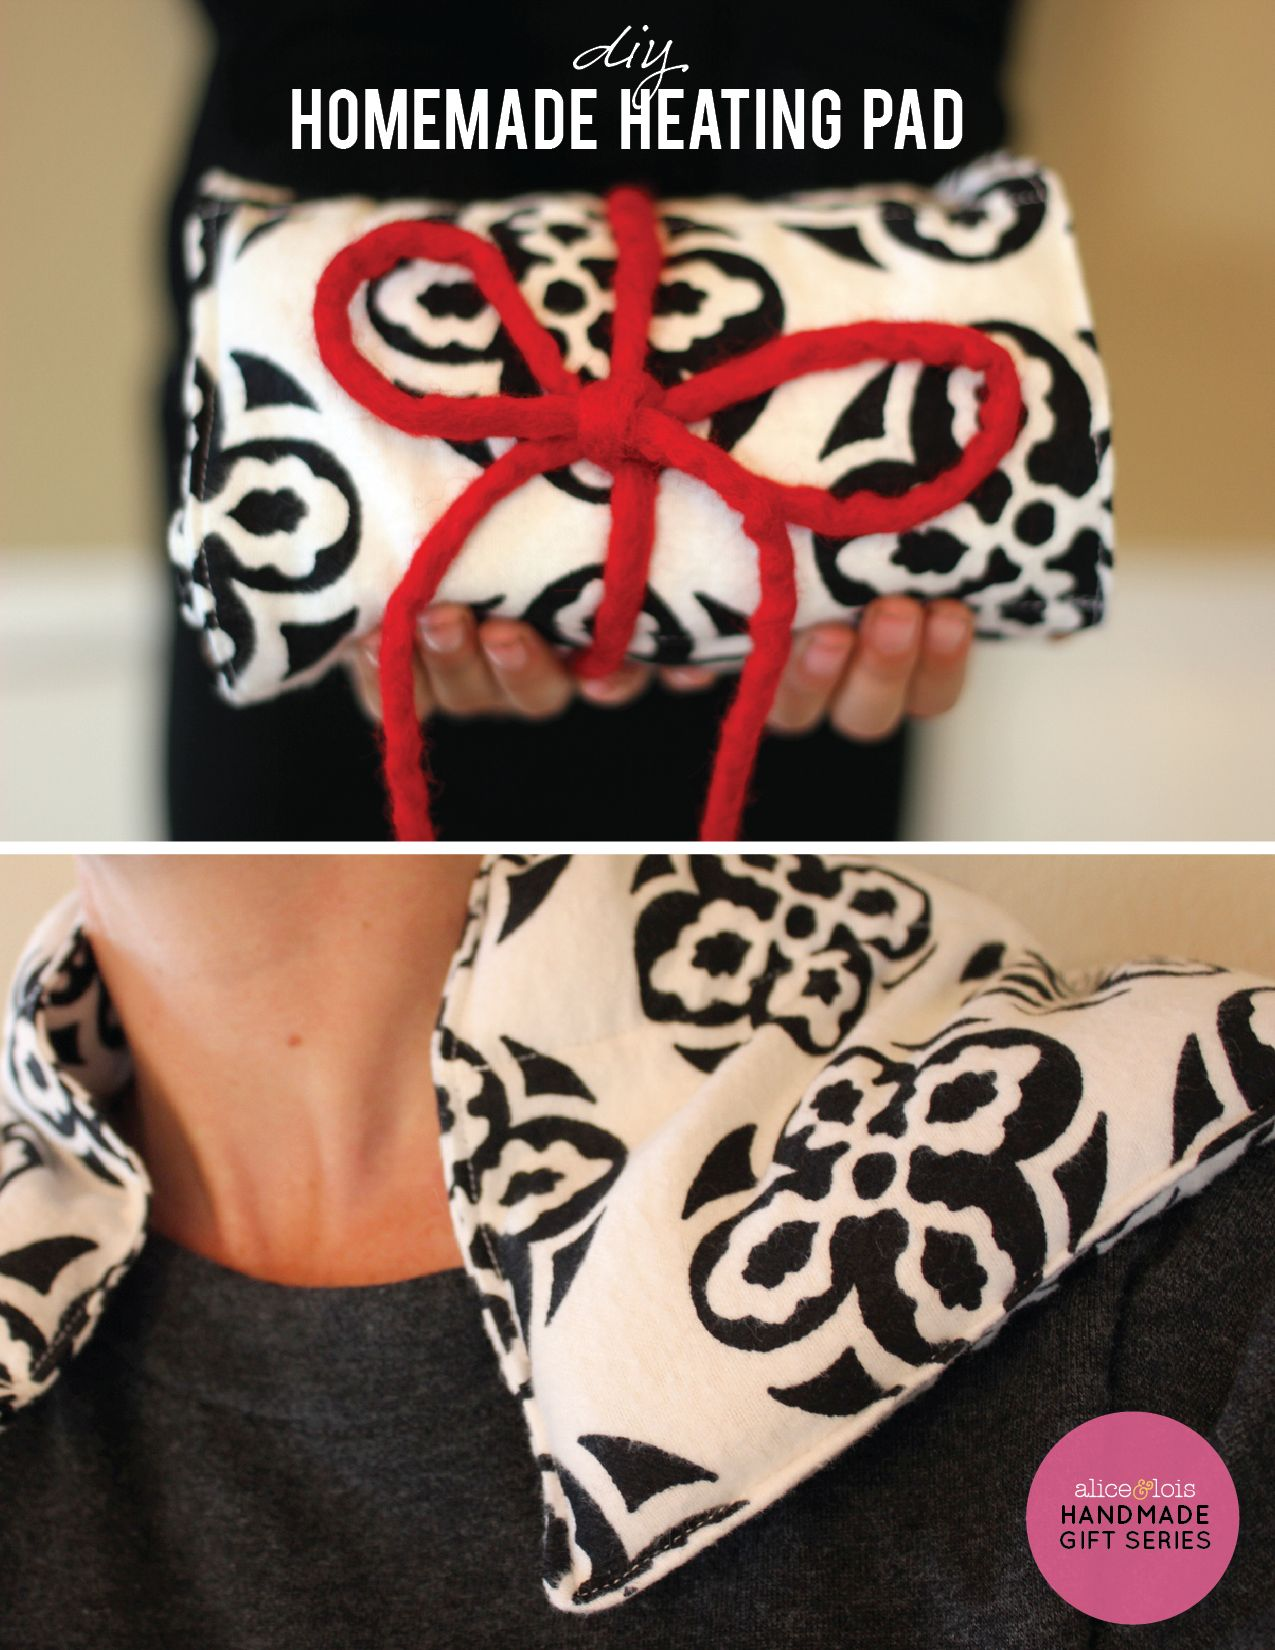 die besten 25 handgemachte geschenke ideen auf pinterest handgemachte geschenke f r m nner. Black Bedroom Furniture Sets. Home Design Ideas